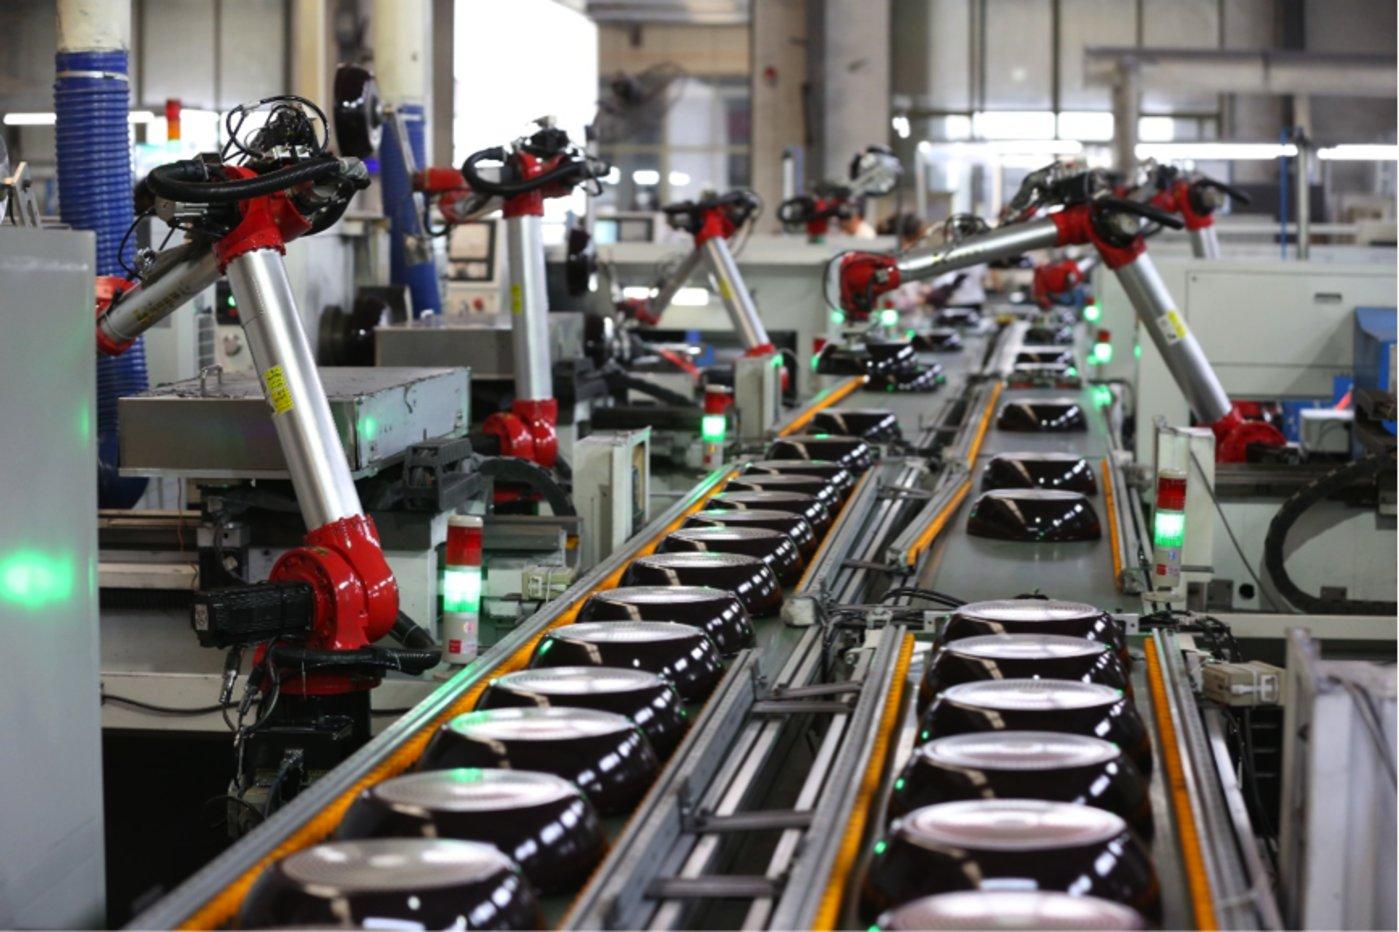 锅具品牌三禾的生产线